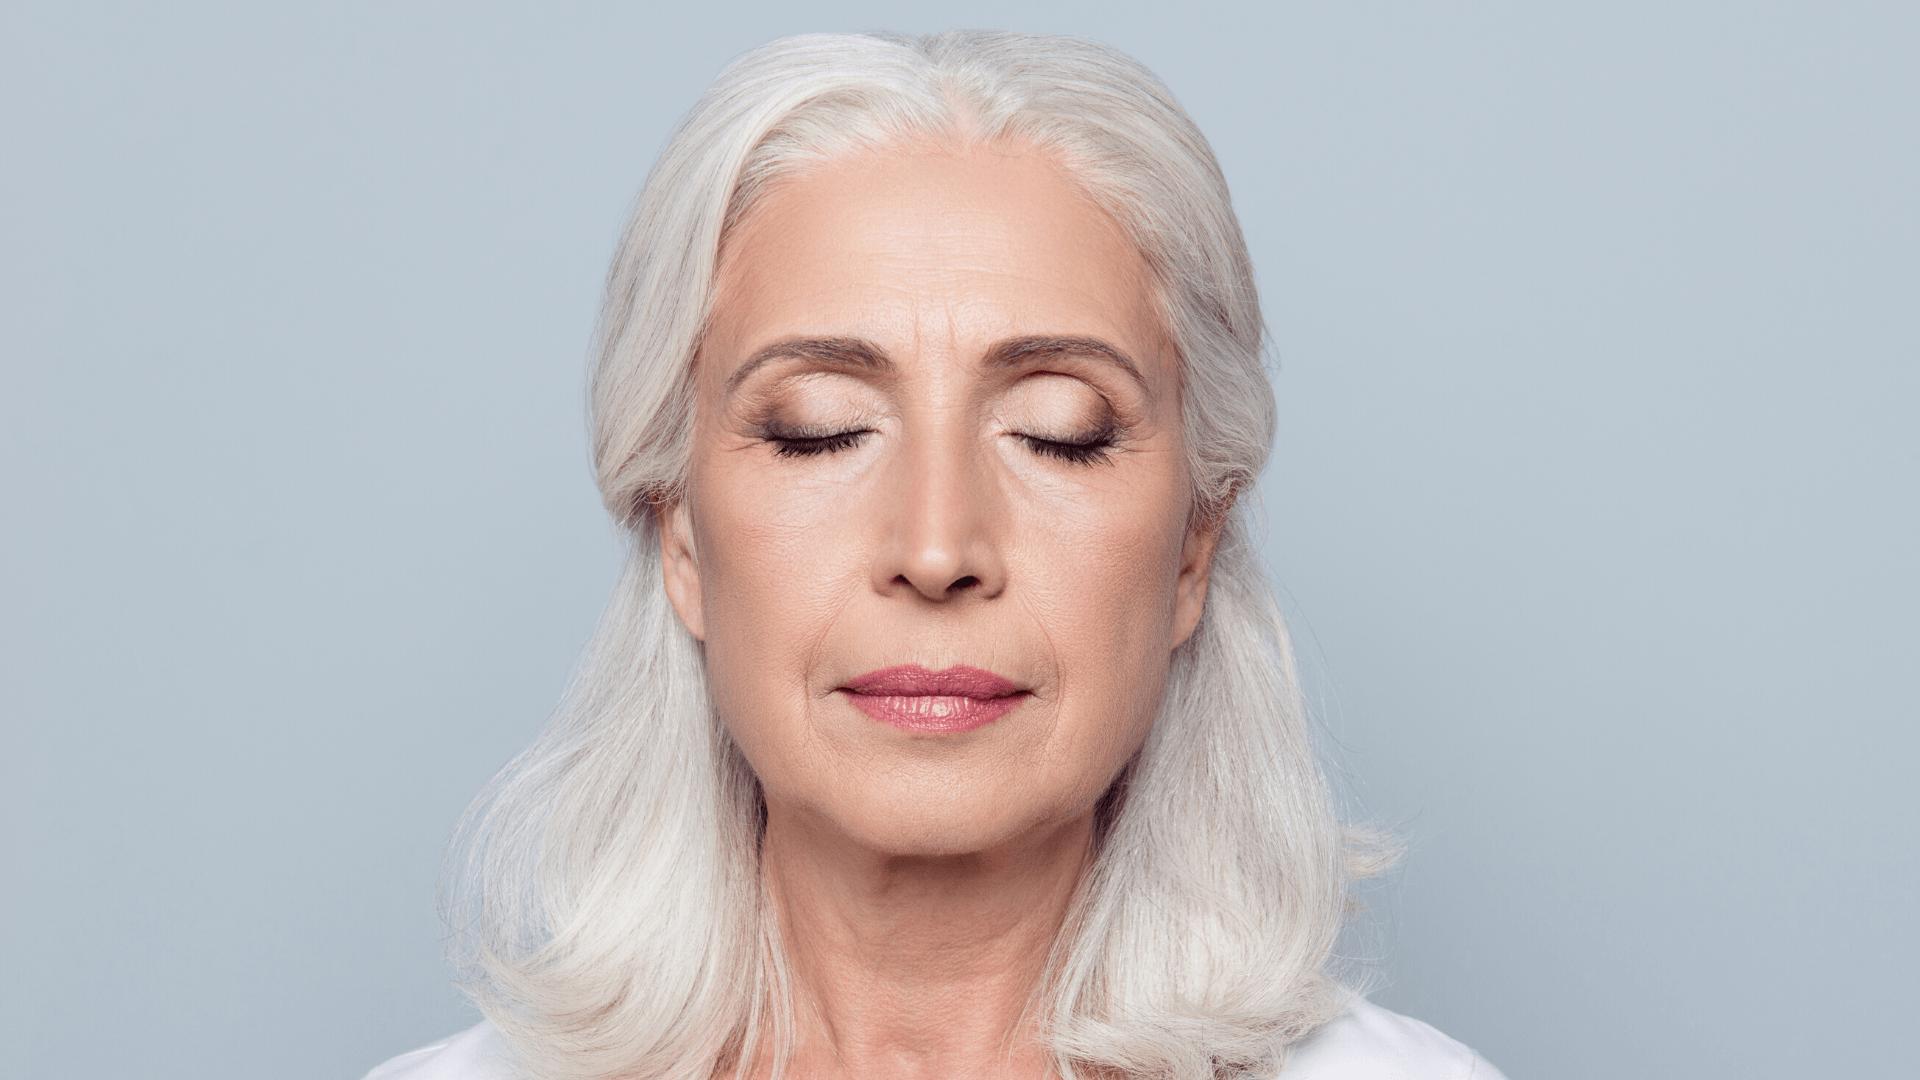 come migliorare le palpebre con la blefaroplastica